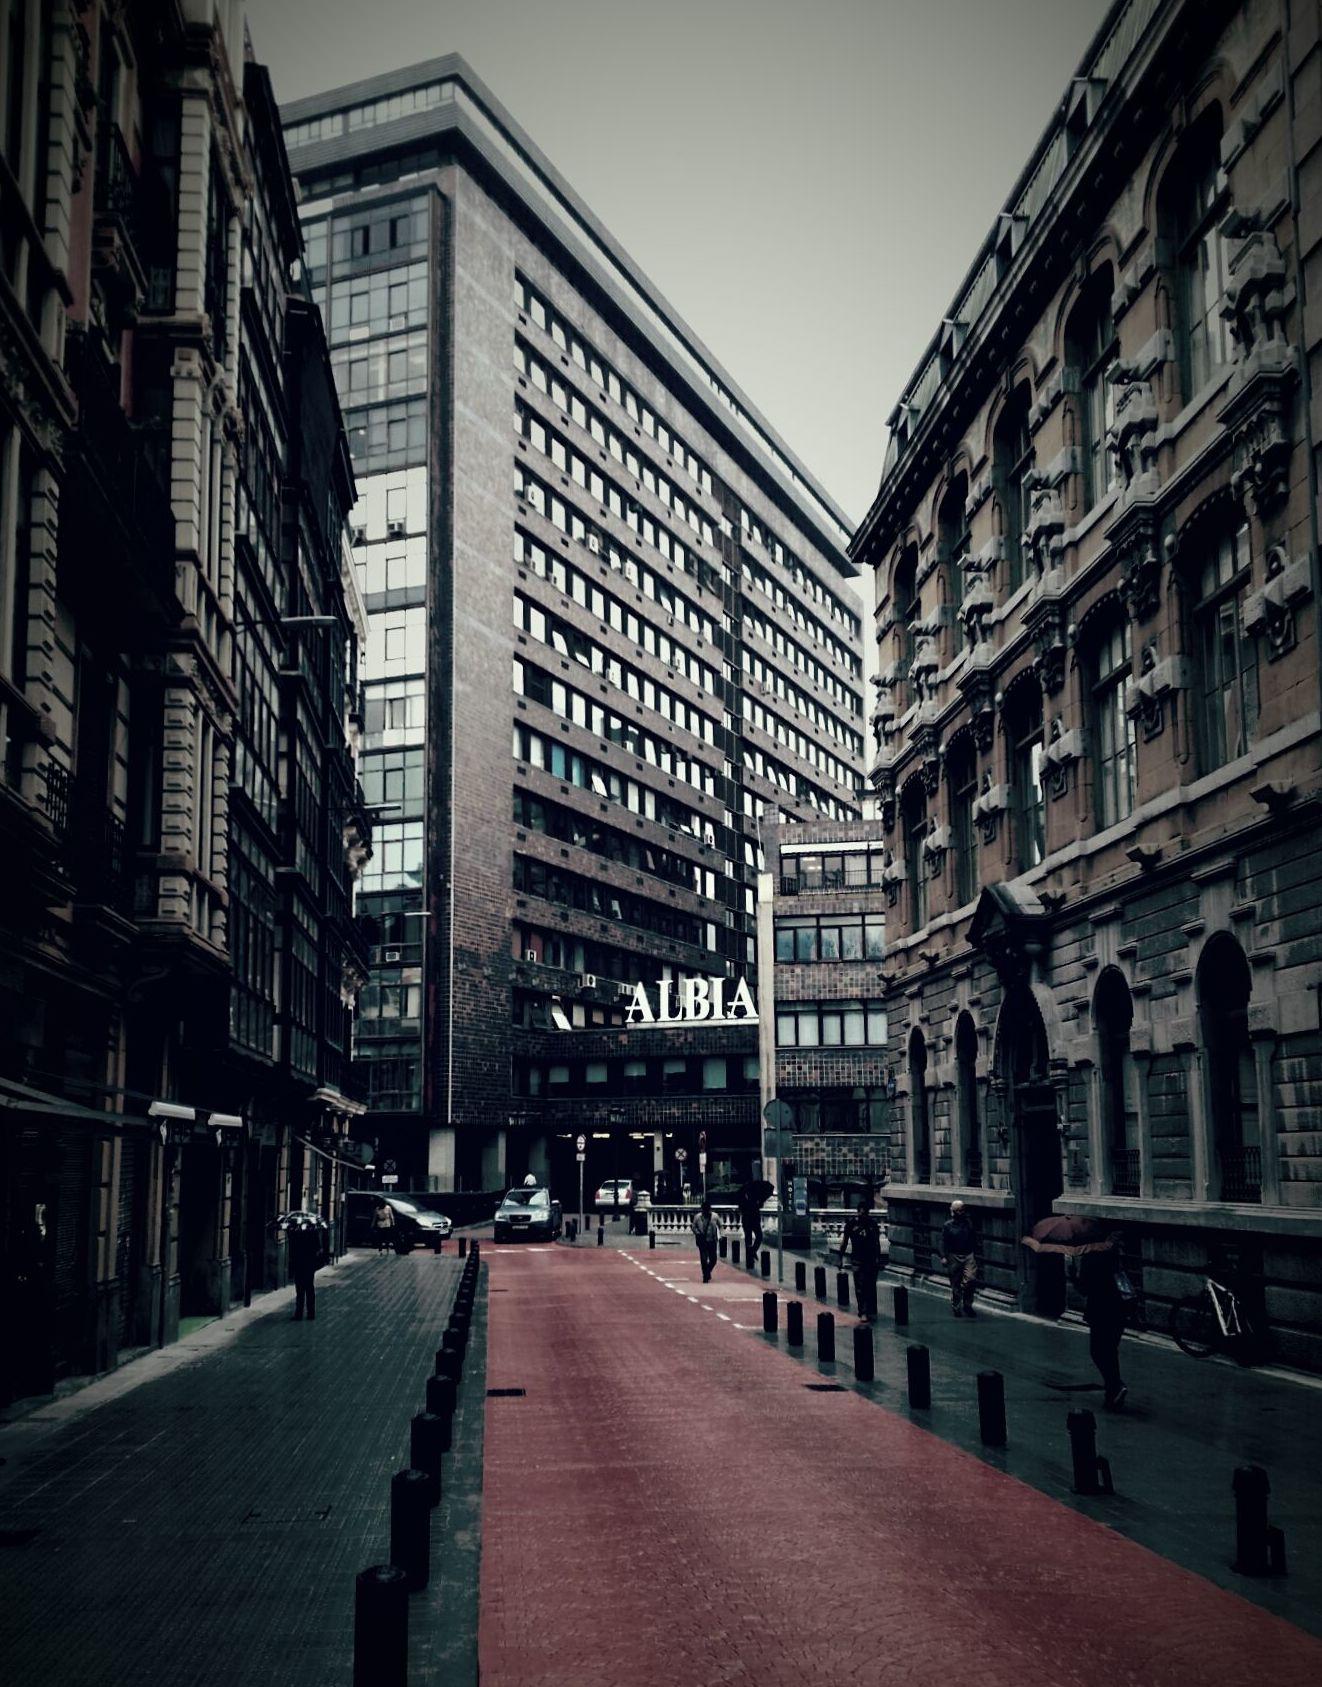 Edificio Albia\u002D Bilbao.